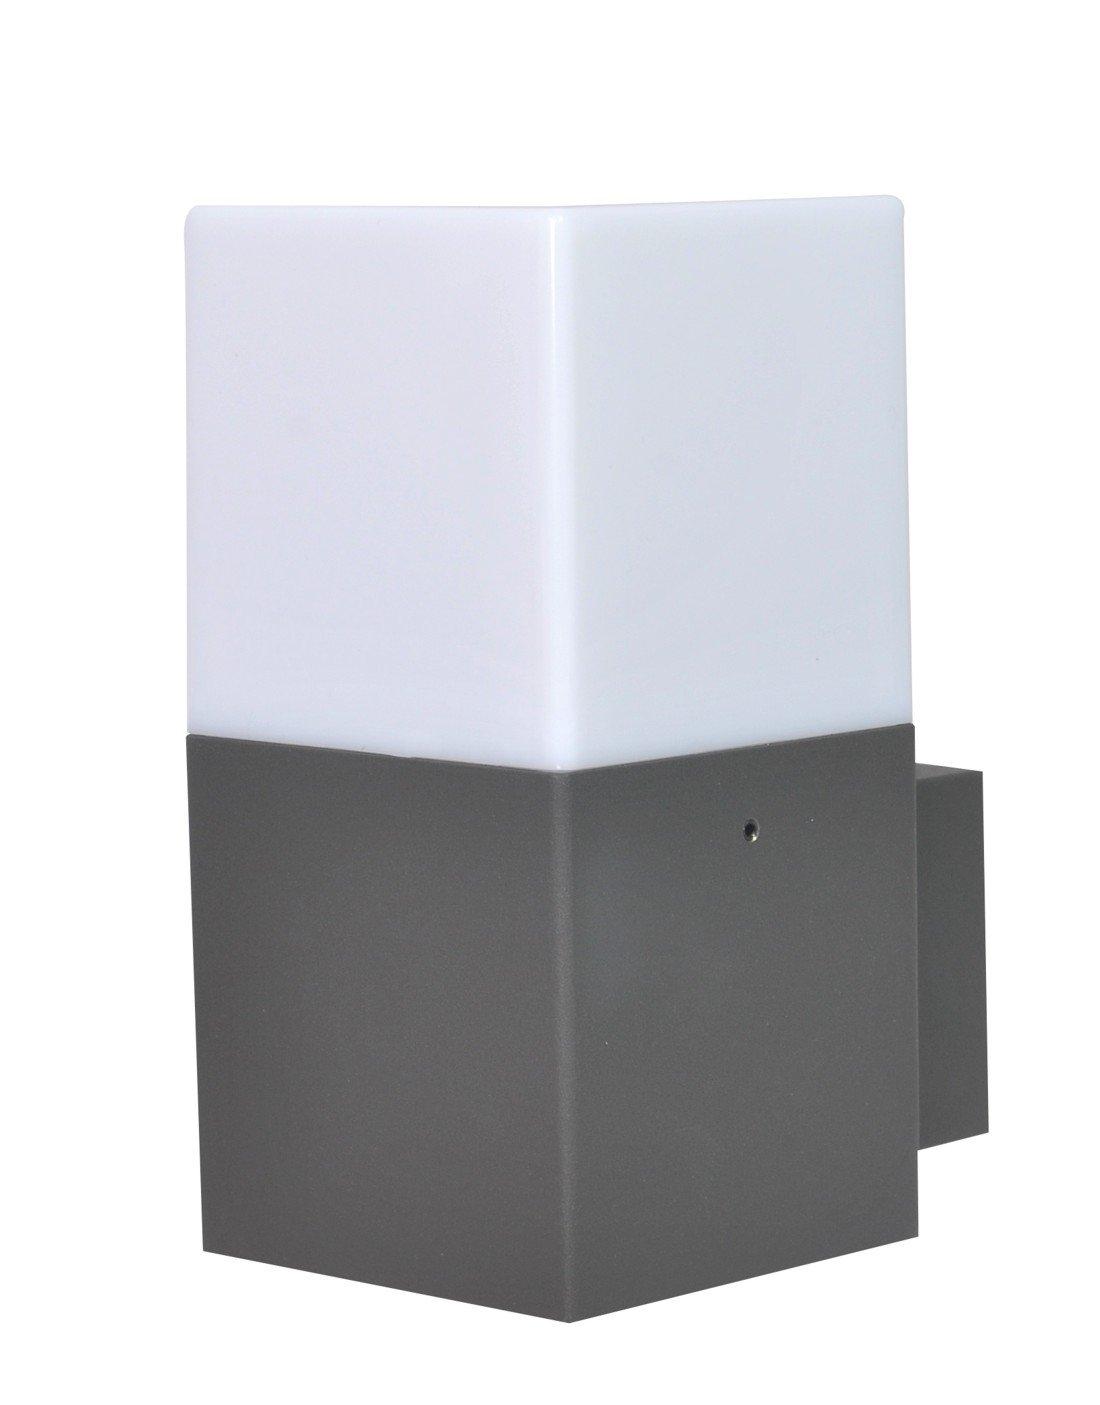 Trio Leuchten LED Außen-Wandleuchte, Aluminiumguss, inklusiv 2 x E14, 4 W, Höhe 33 cm, anthrazit 220060242 [Energieklasse A] Höhe 33 cm Trio Leuchten GmbH